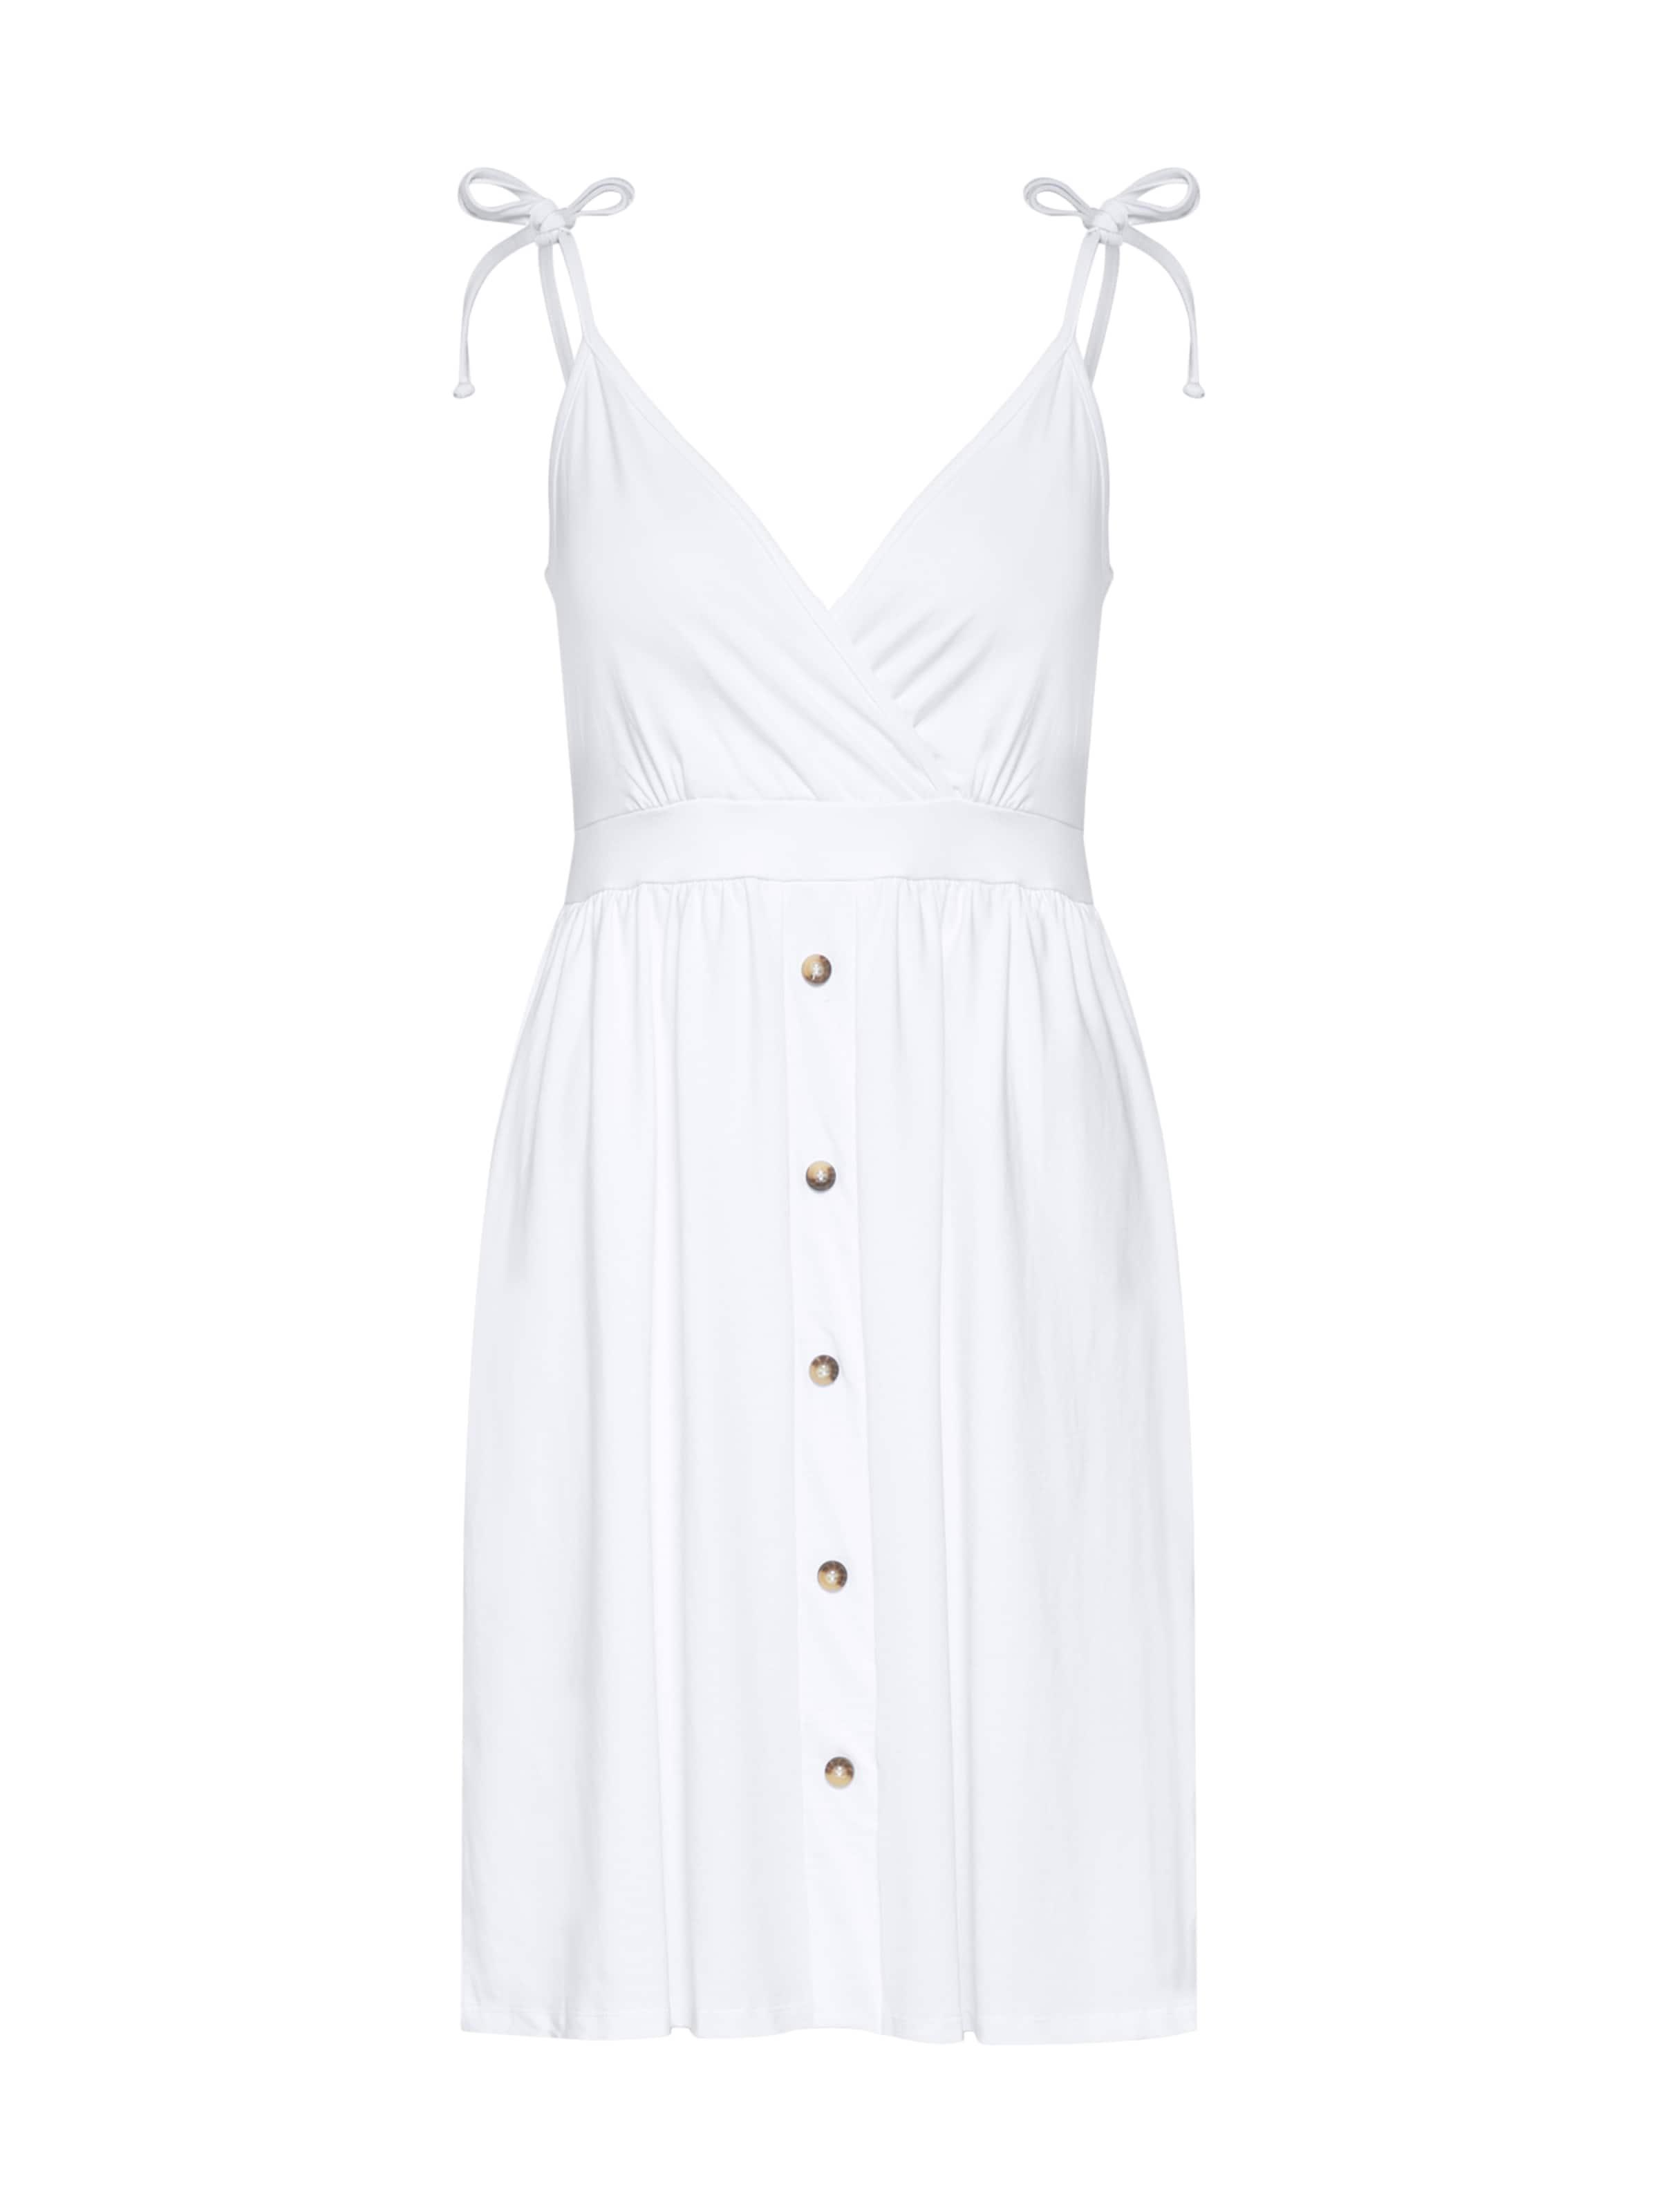 About You Blanc Robe 'elise' En R4A35jL